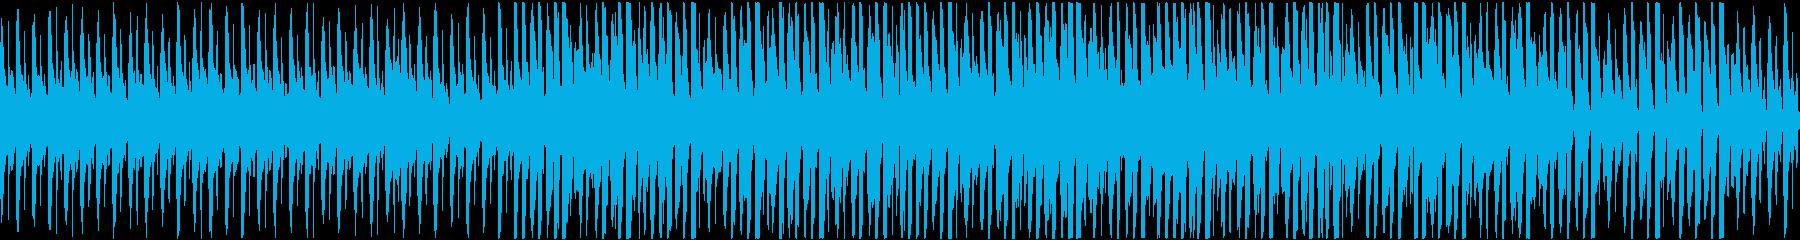 淡々とクールな4つ打ちBGMの再生済みの波形